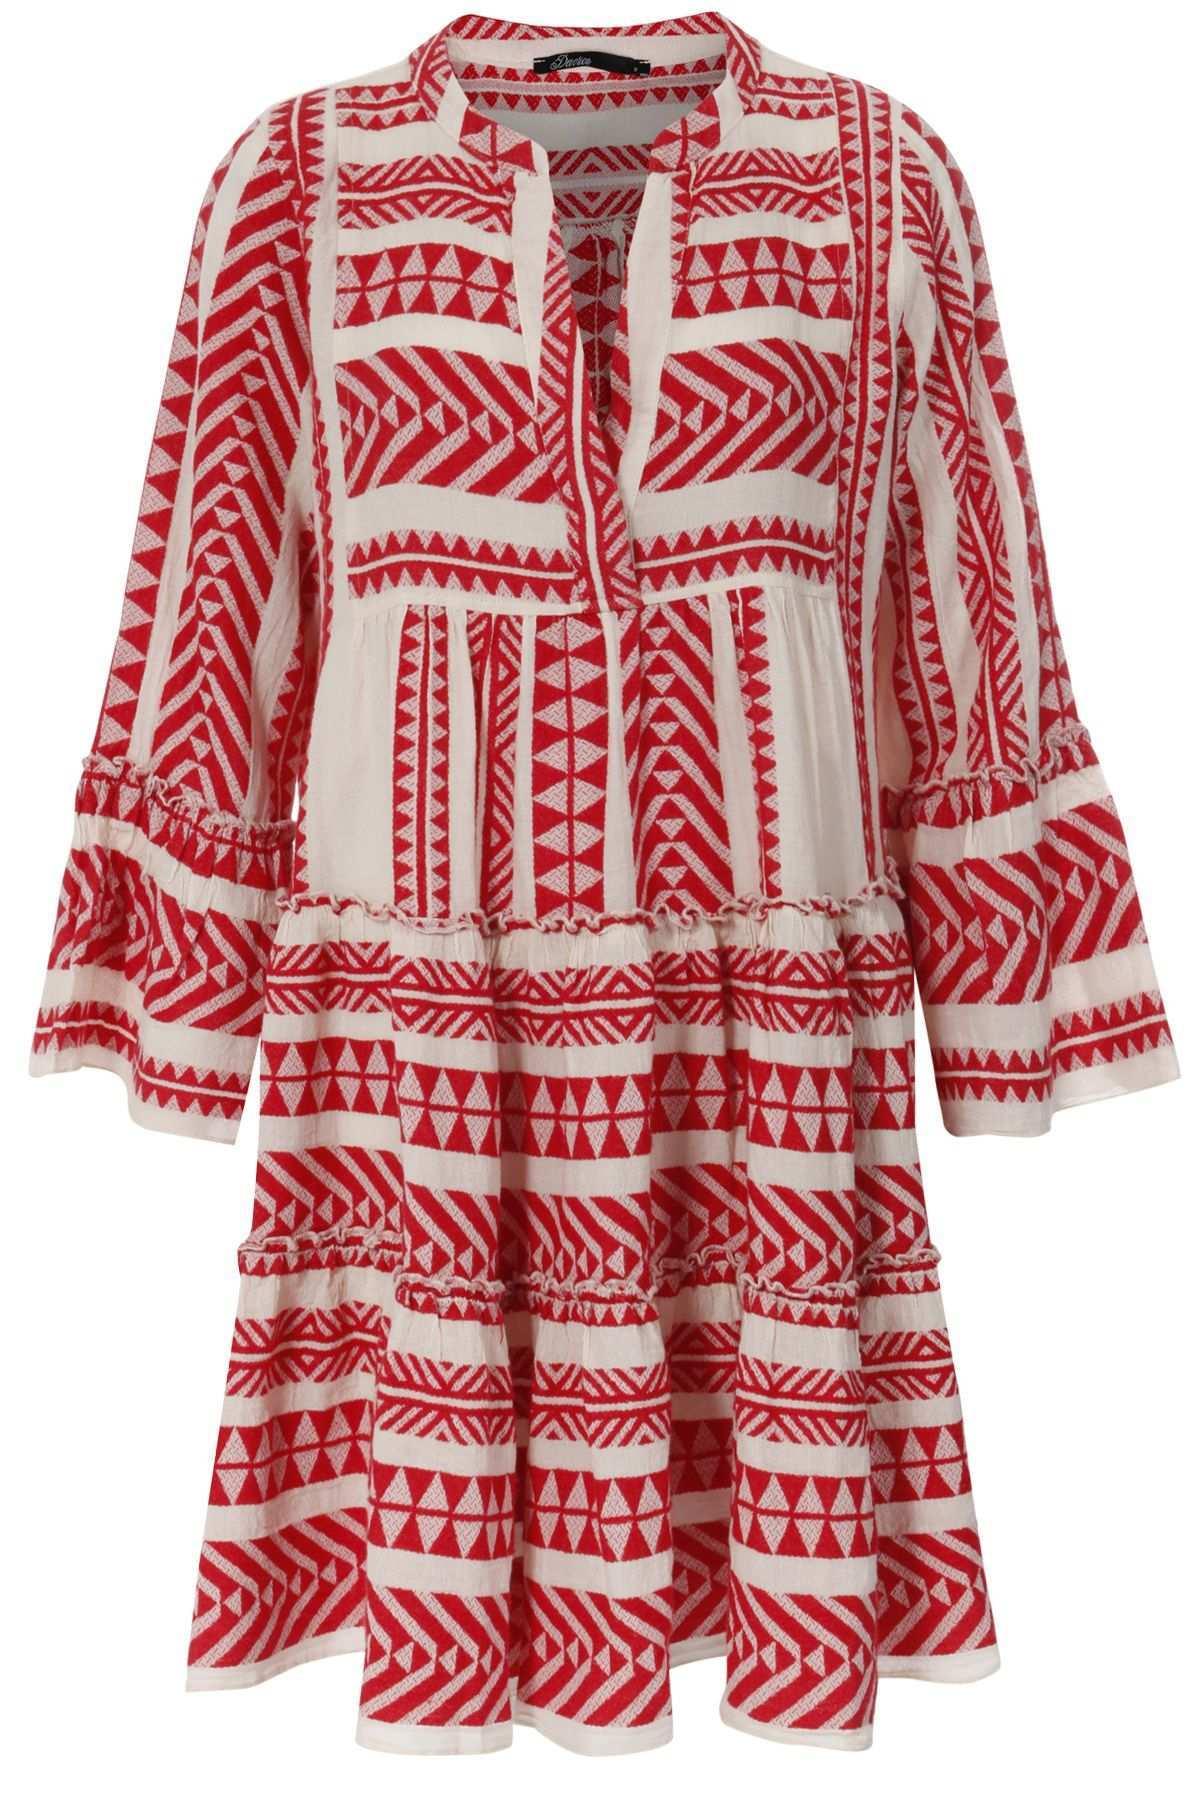 Gemustertes Tunikakleid Aus Baumwolle Rot Weiss Tunika Kleid Kleider Legere Kleider